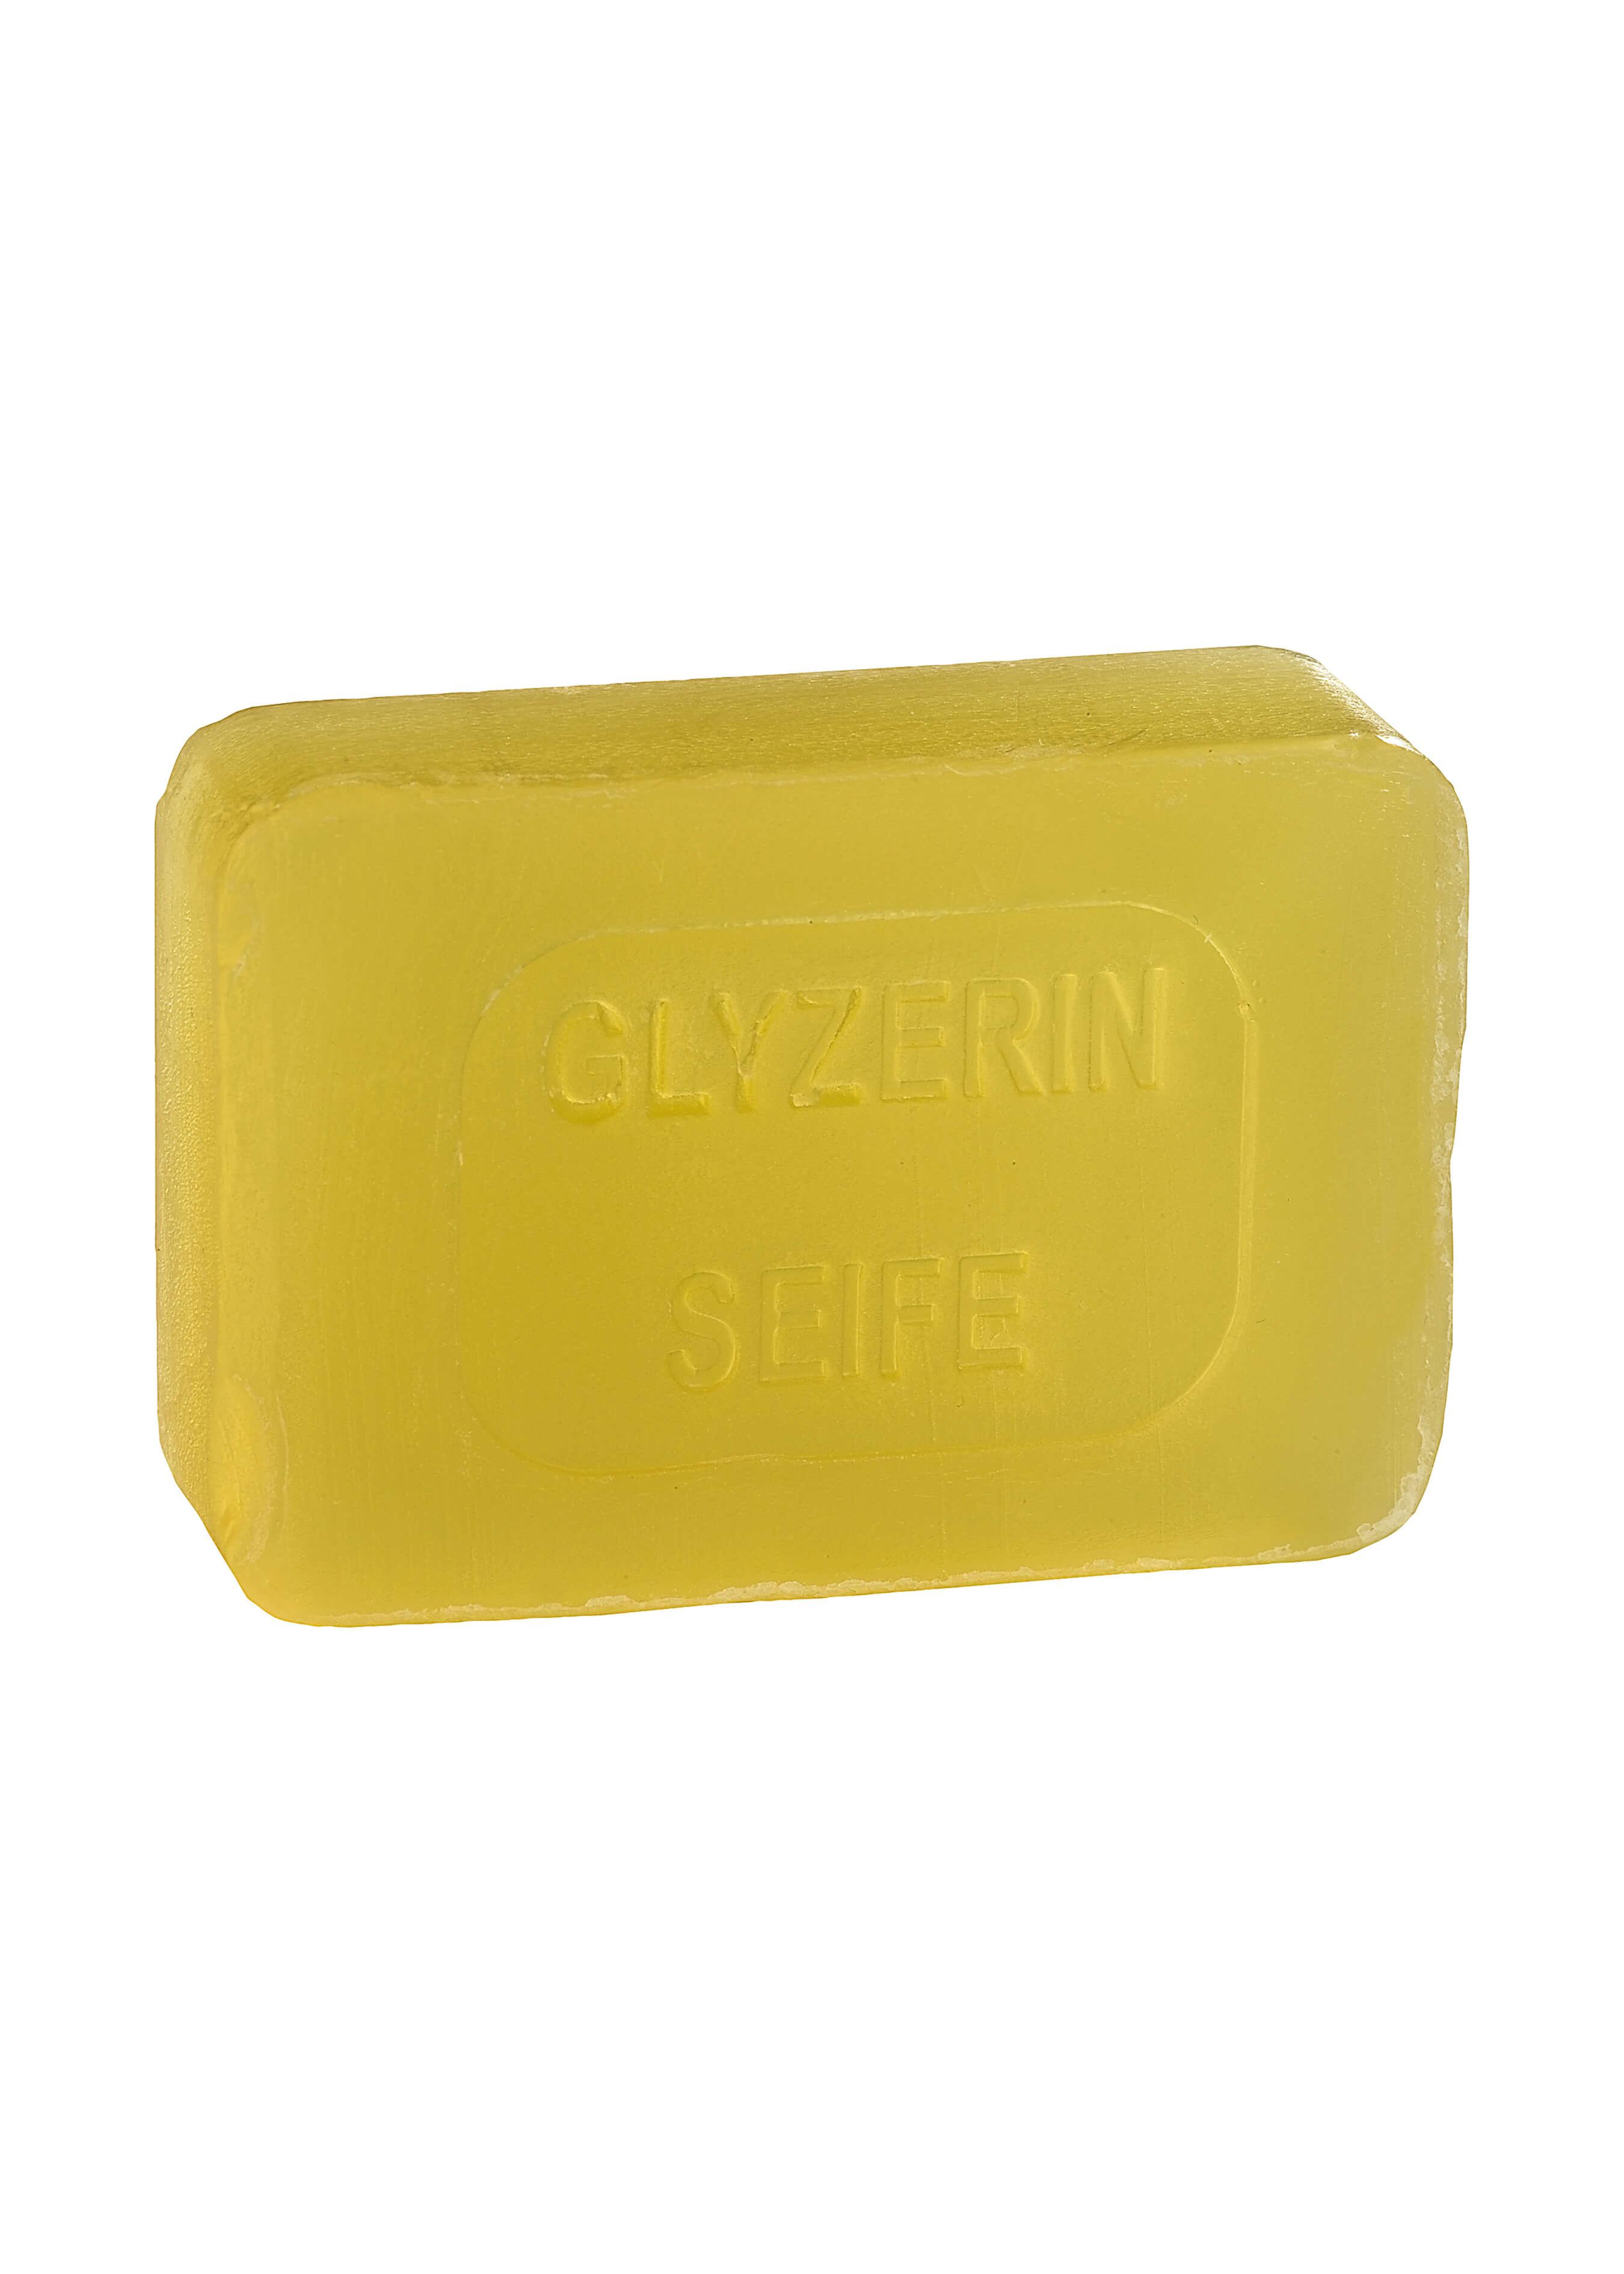 Savon de glycérine, 5 pièces L19290 2